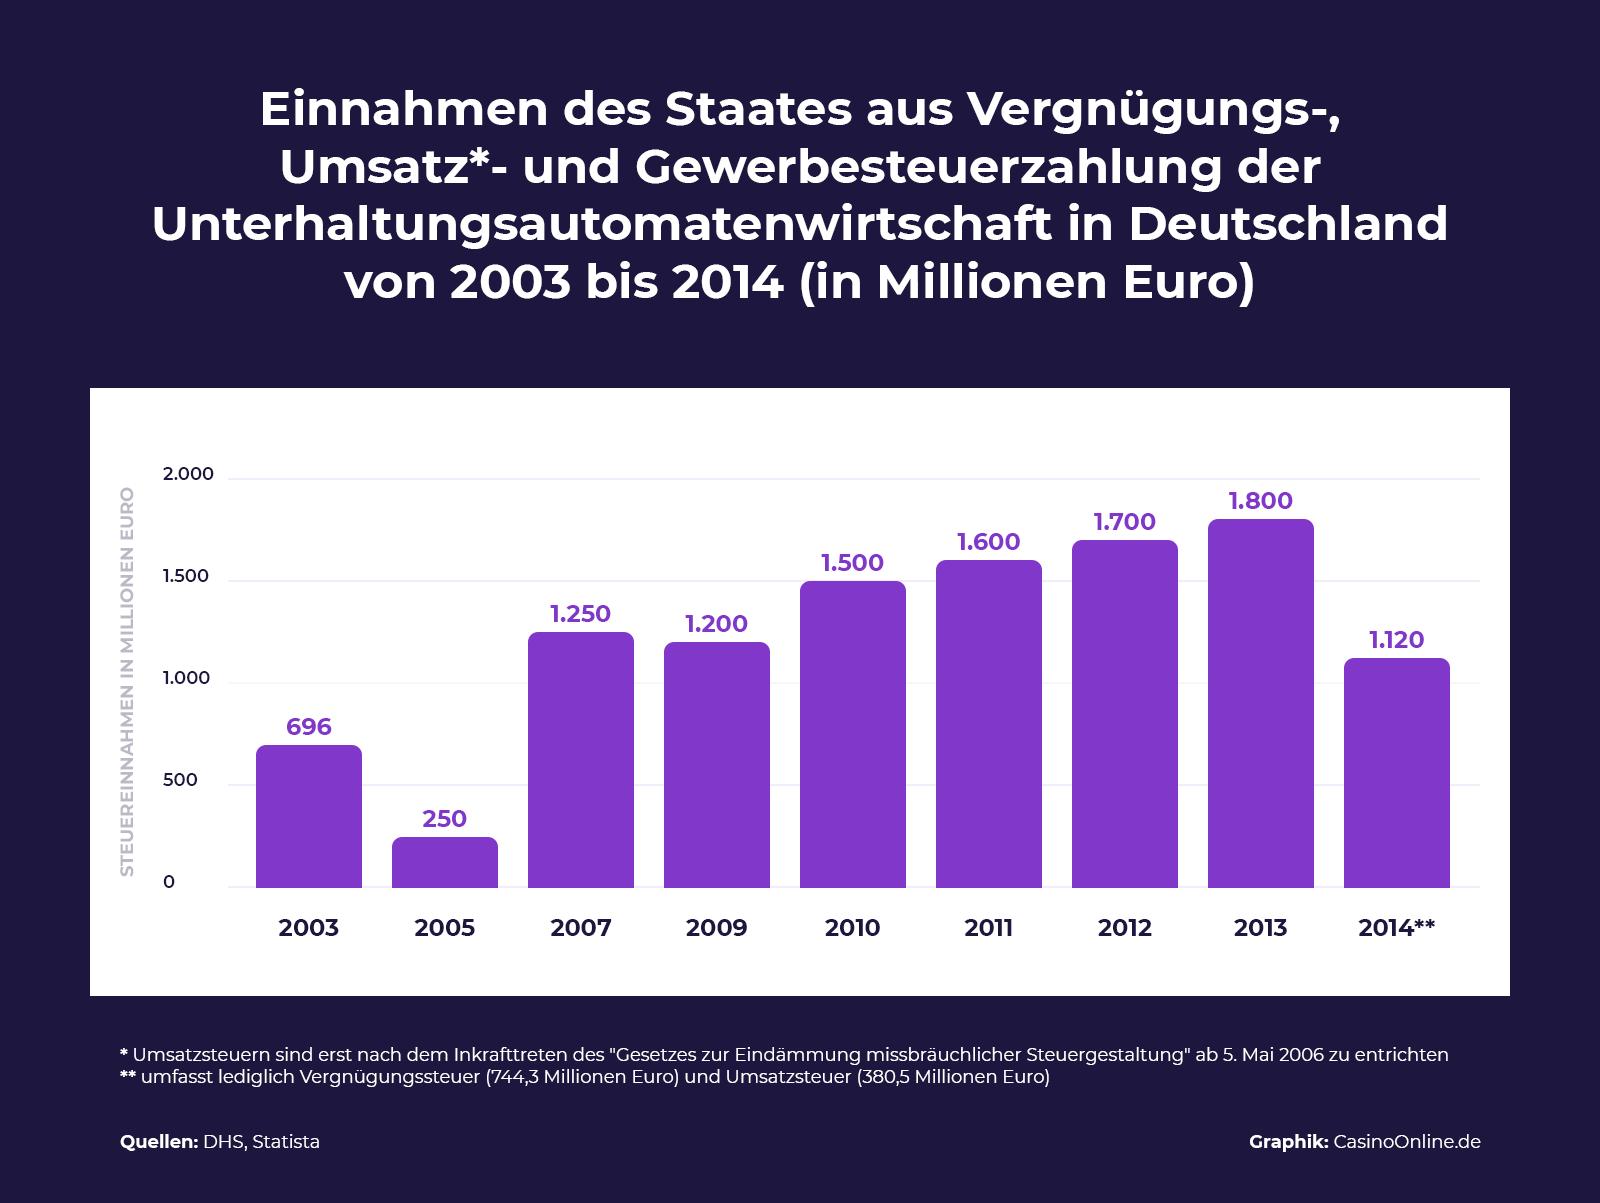 Einnahmen des deutschen Staates aus Vergnügungs-, Umsatz- und Gewerbesteuerzahlung der Unterhaltungsautomatenwirtschaft von 2003 bis 2014